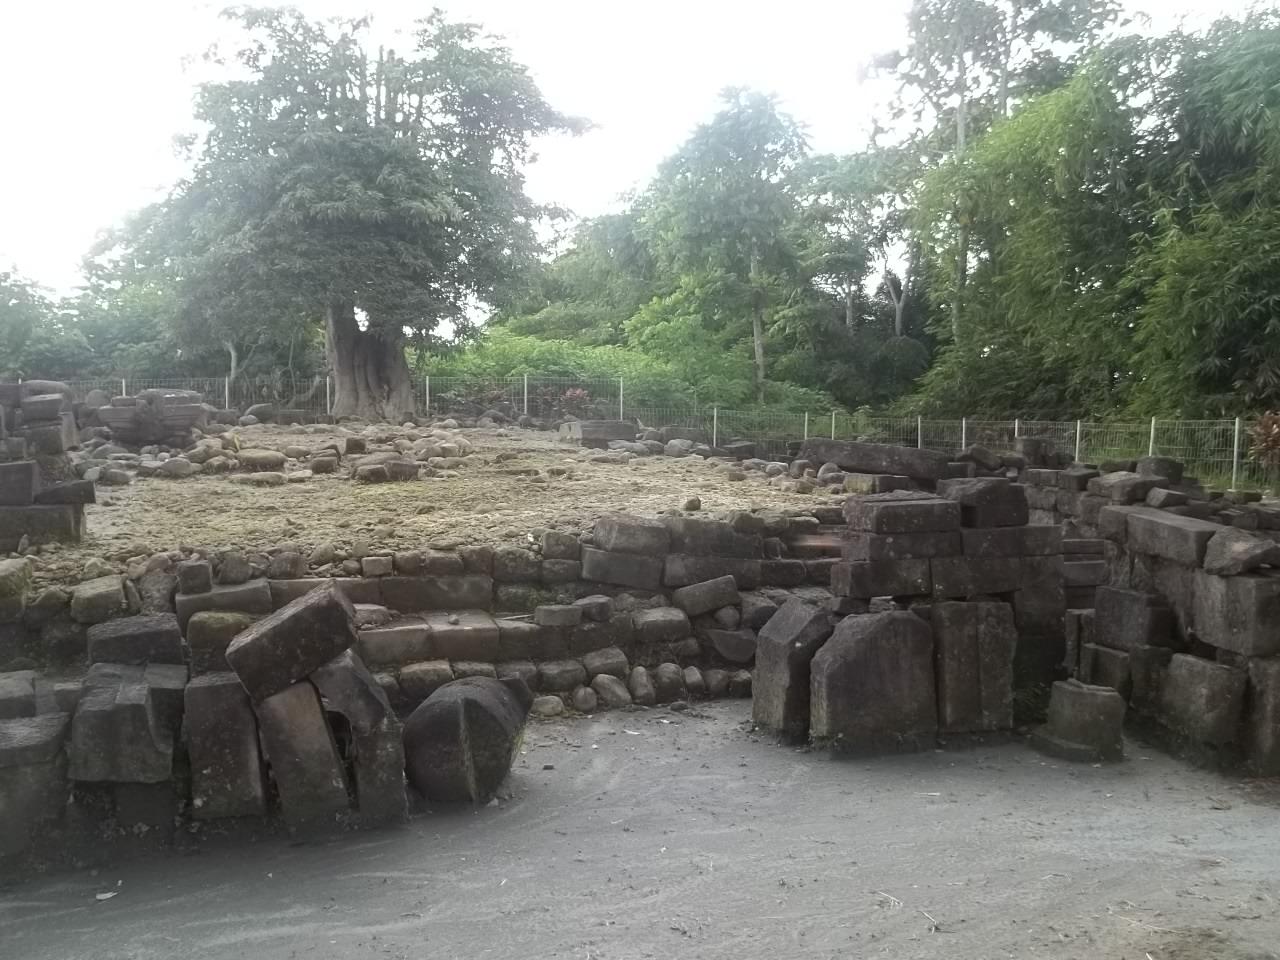 Candi Gunung Sari Wisata Yogyakarta Keindahan Terletak Pemandangan Alam Disekitar